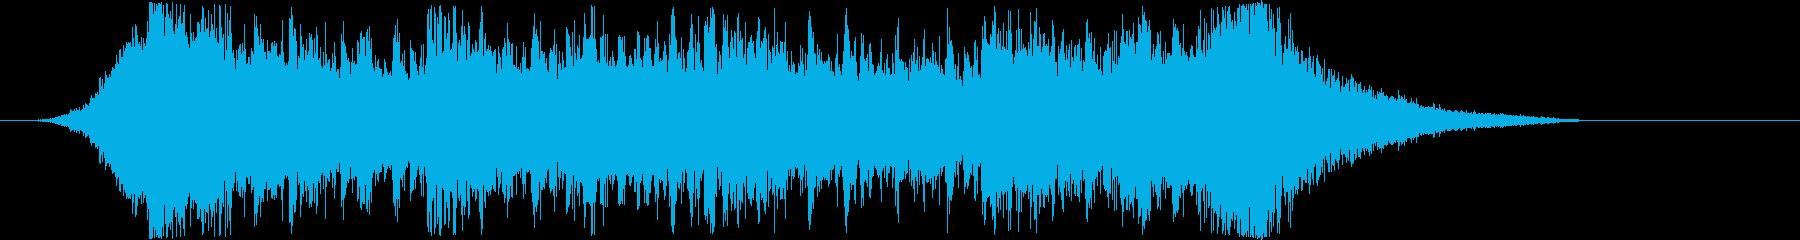 企業VPや映像21、壮大、オーケストラcの再生済みの波形